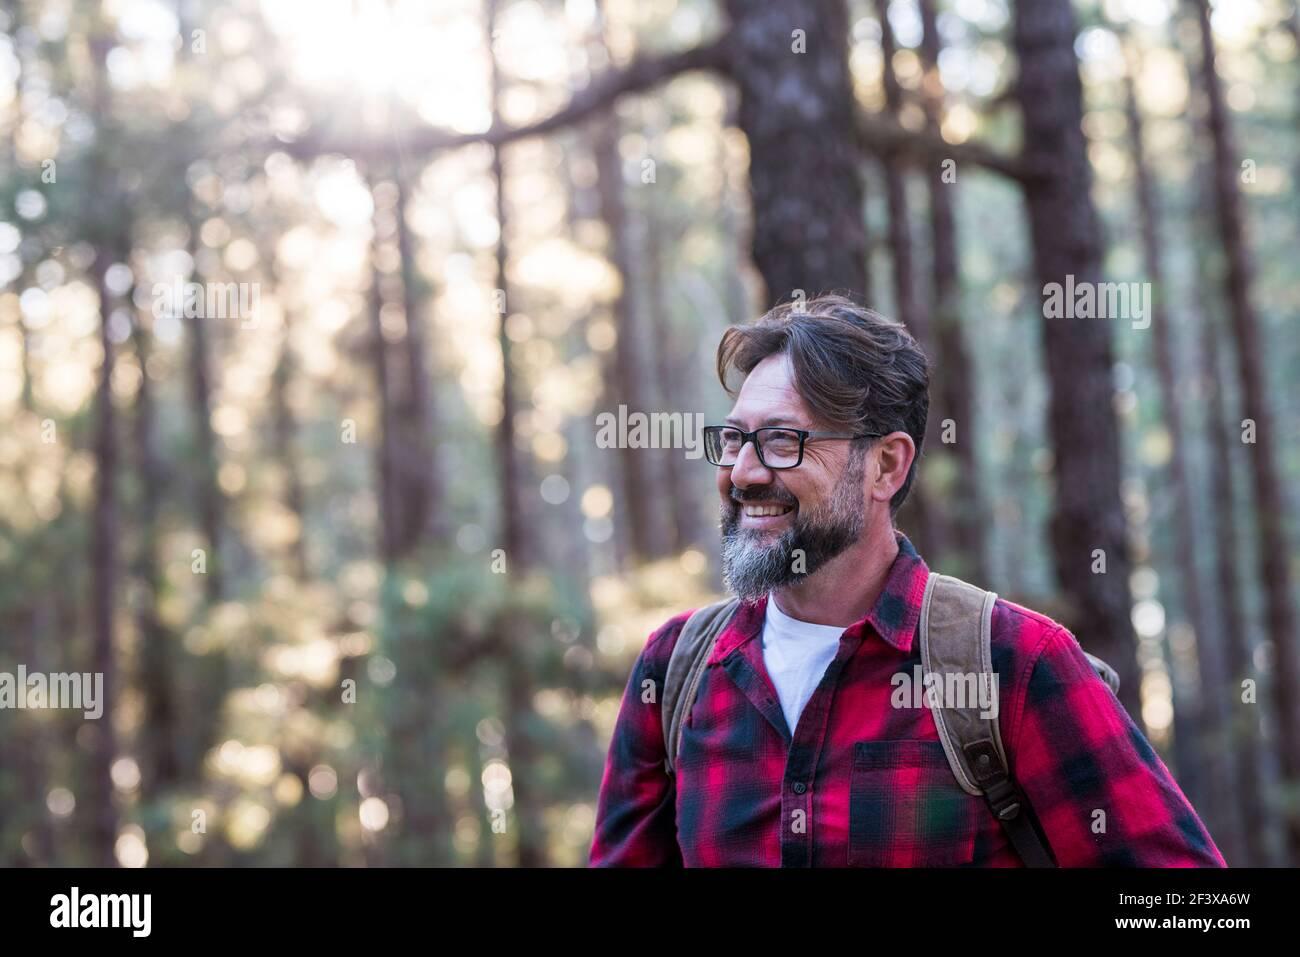 Nahaufnahme eines selbstbewussten bärtigen Mannes in einem Outdoor-Park. Profil jung schön lächelnd bärtiger Mann Junge Erwachsene Hipster Wandern Wald - glücklich peo Stockfoto